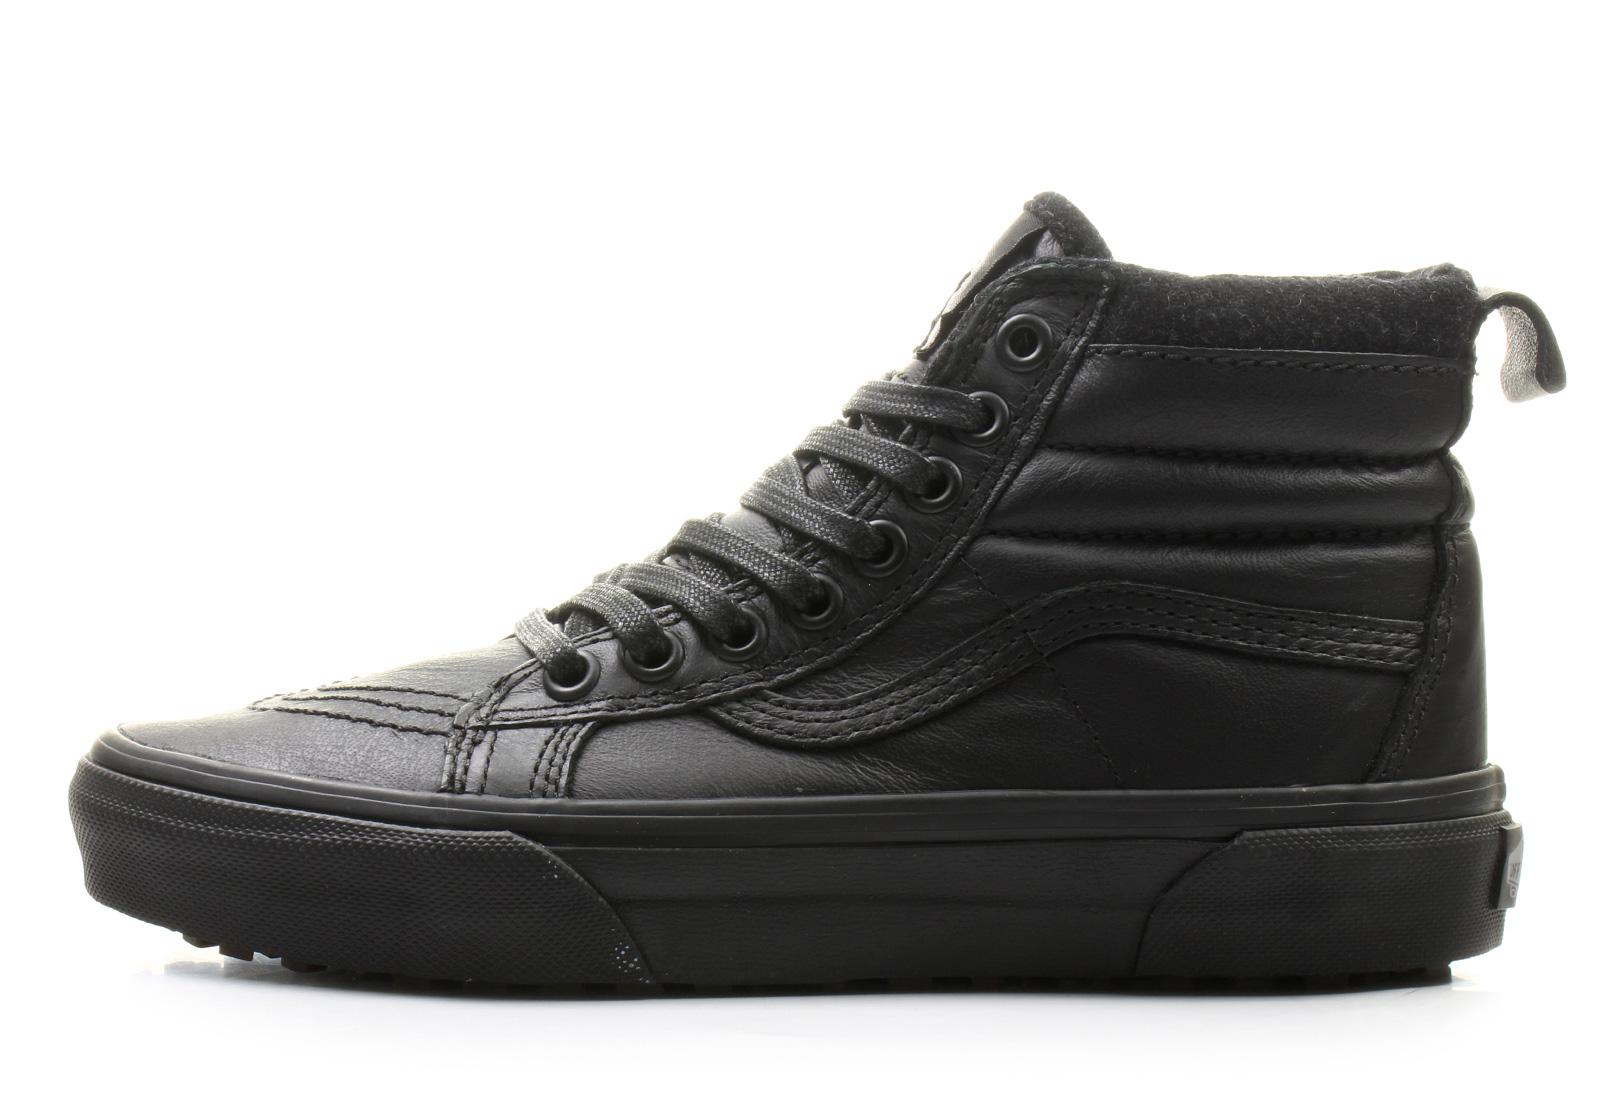 Vans Tornacipő - Sk8-hi Mte - VXH4GZH - Office Shoes Magyarország 7fce1fc566